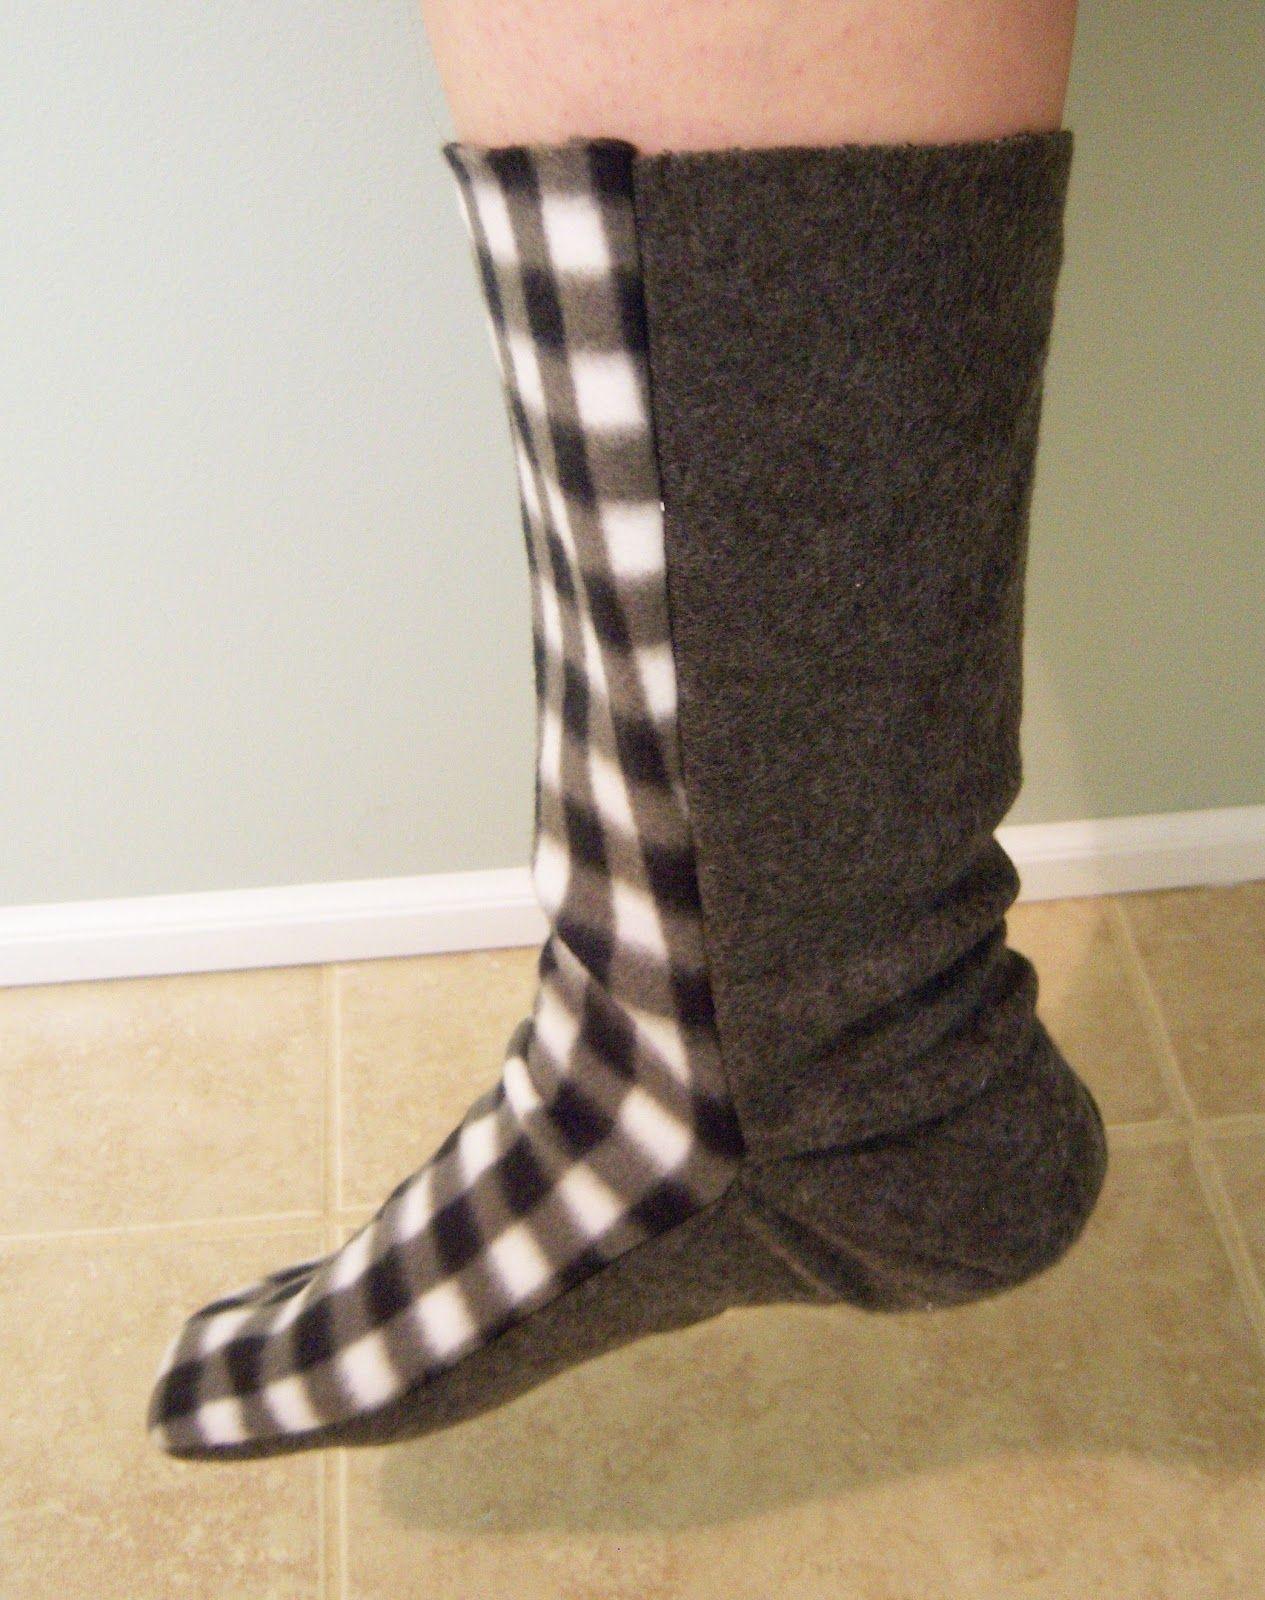 Free Fleece Sock Sewing Pattern   Fleece Sock Tutorial   Sewing - Free Printable Fleece Sock Pattern